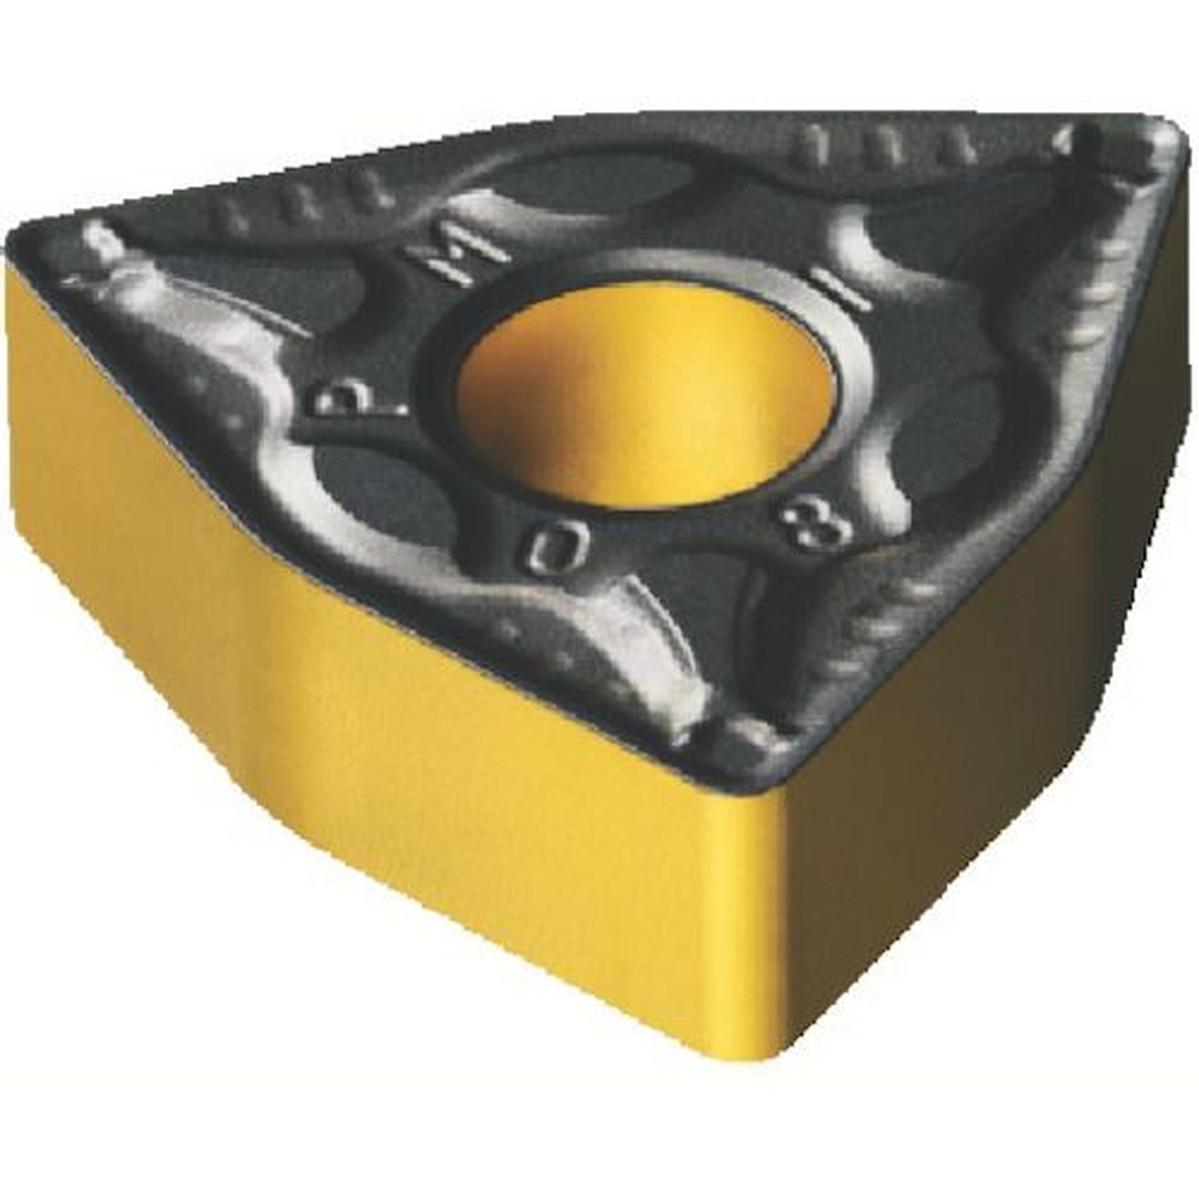 【即出荷】 サンドビック T−MAXPチップ T-MAXPチップ 10個 サンドビック 4305 10個, 激安の皇帝エンペラーマート:cecc5953 --- lebronjamesshoes.com.co